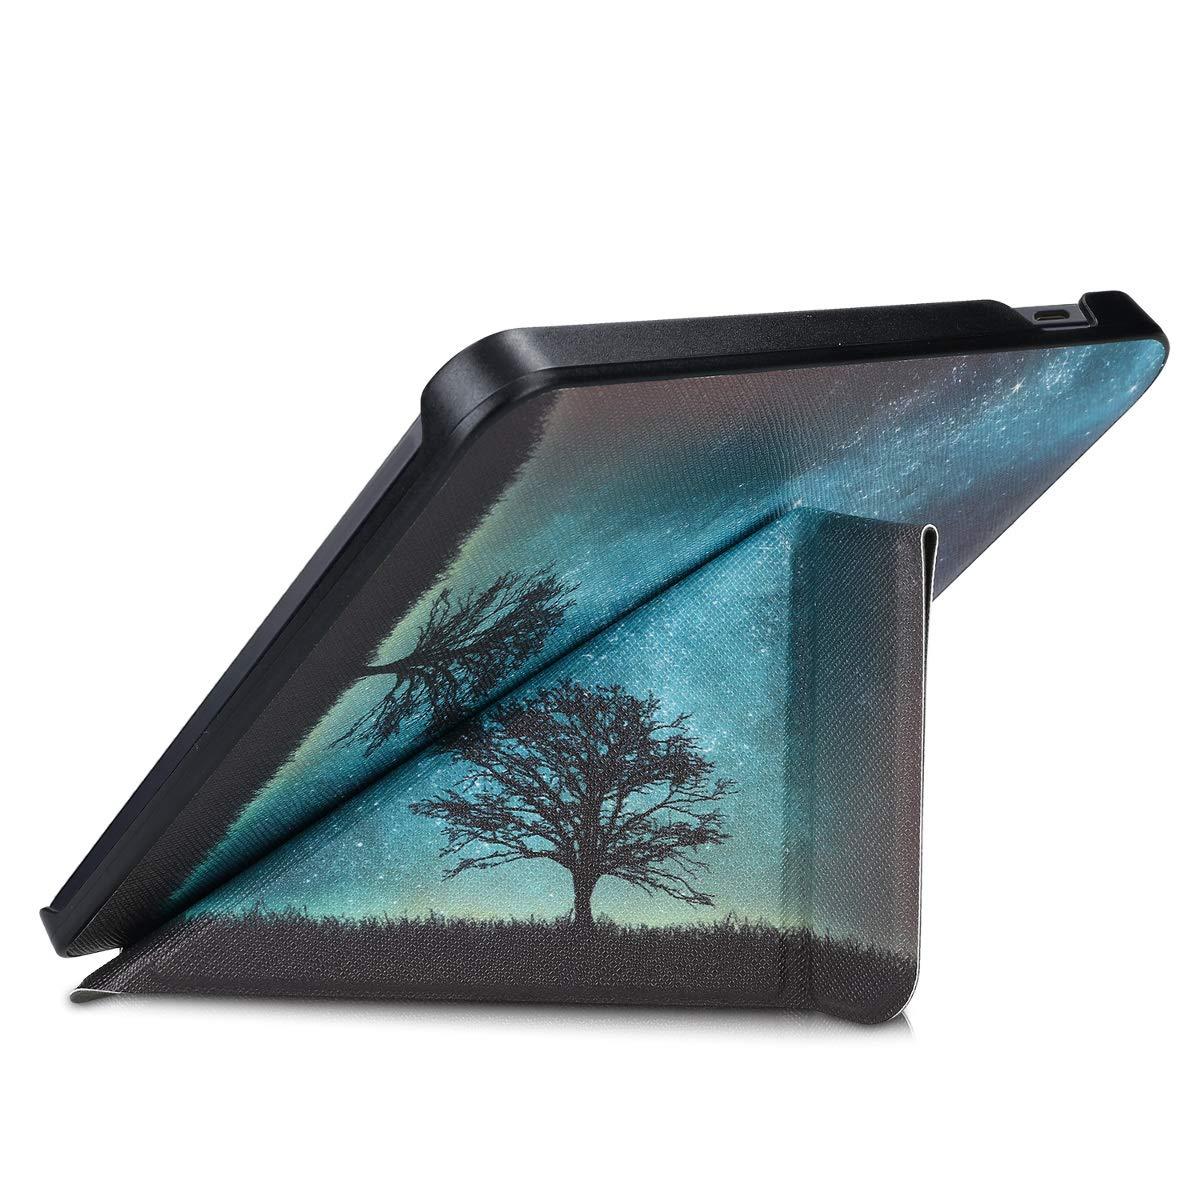 /Étui de Protection Noir-Multicolore Coque Rabat liseuse en Simili Cuir kwmobile Coque pour liseuse /électronique Kobo Libra H2O